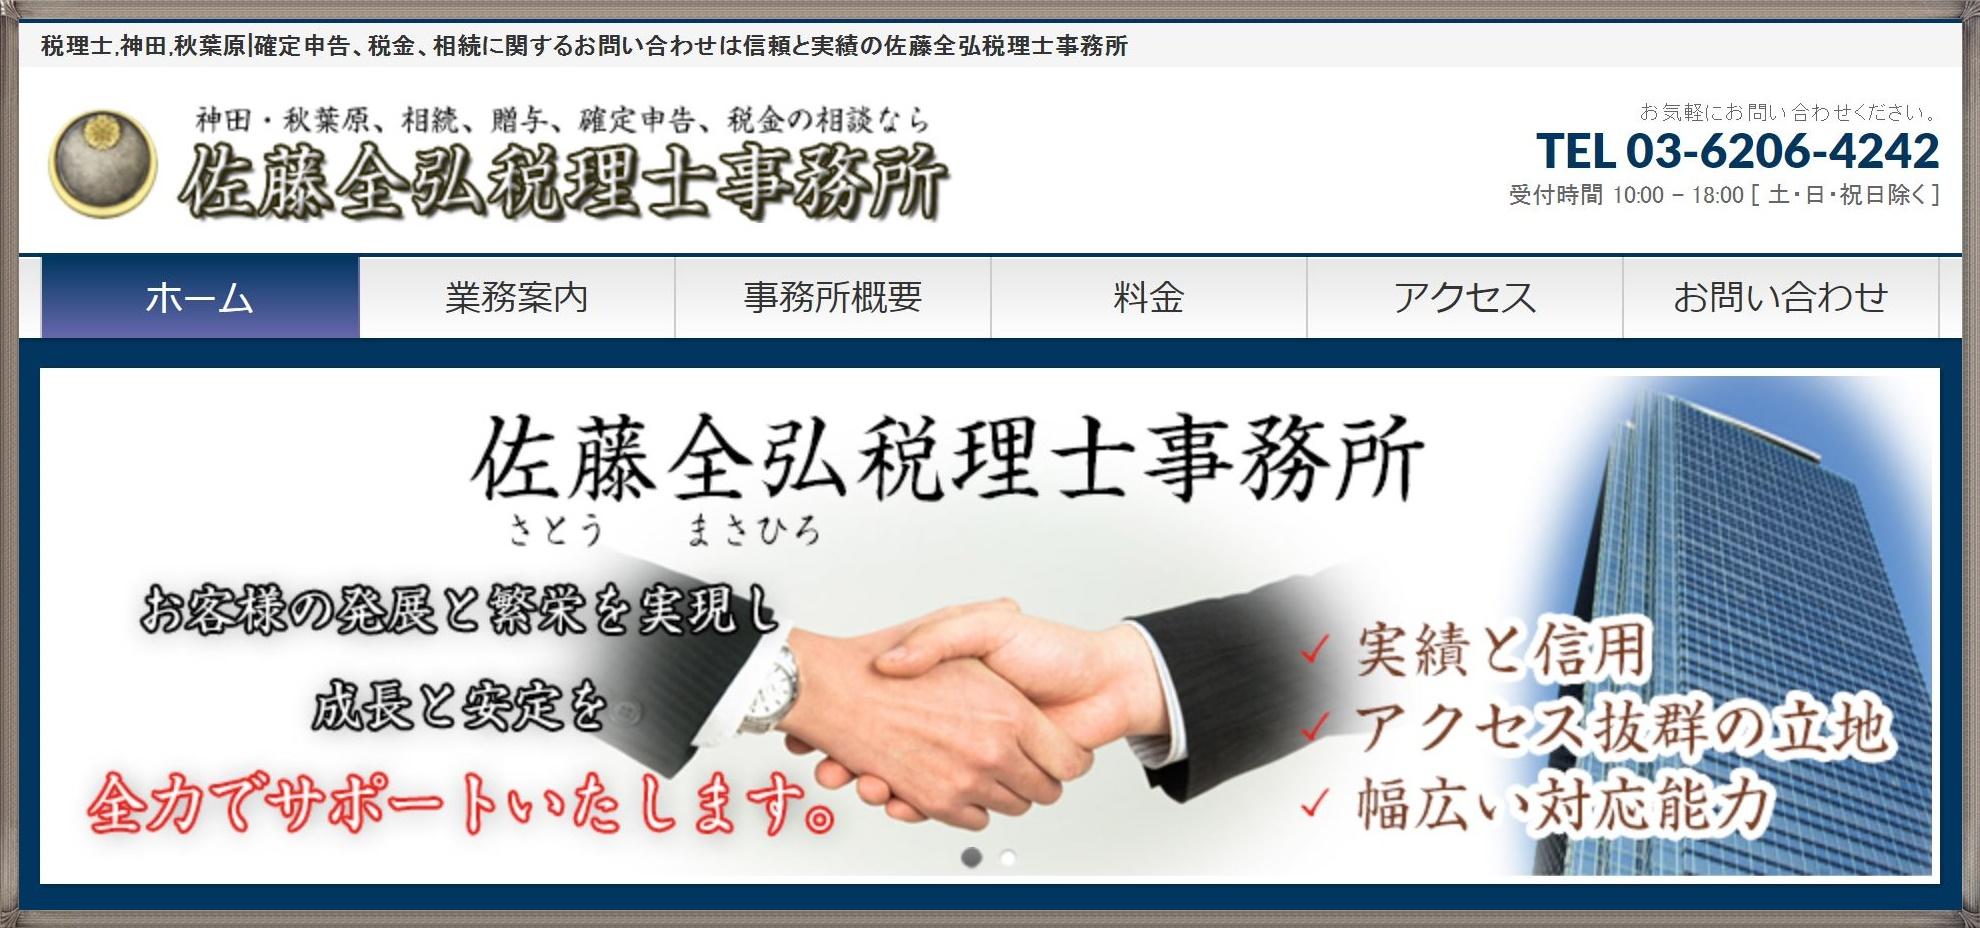 東京のビットコインなど仮想通貨の税務を扱う税理士事務所7社